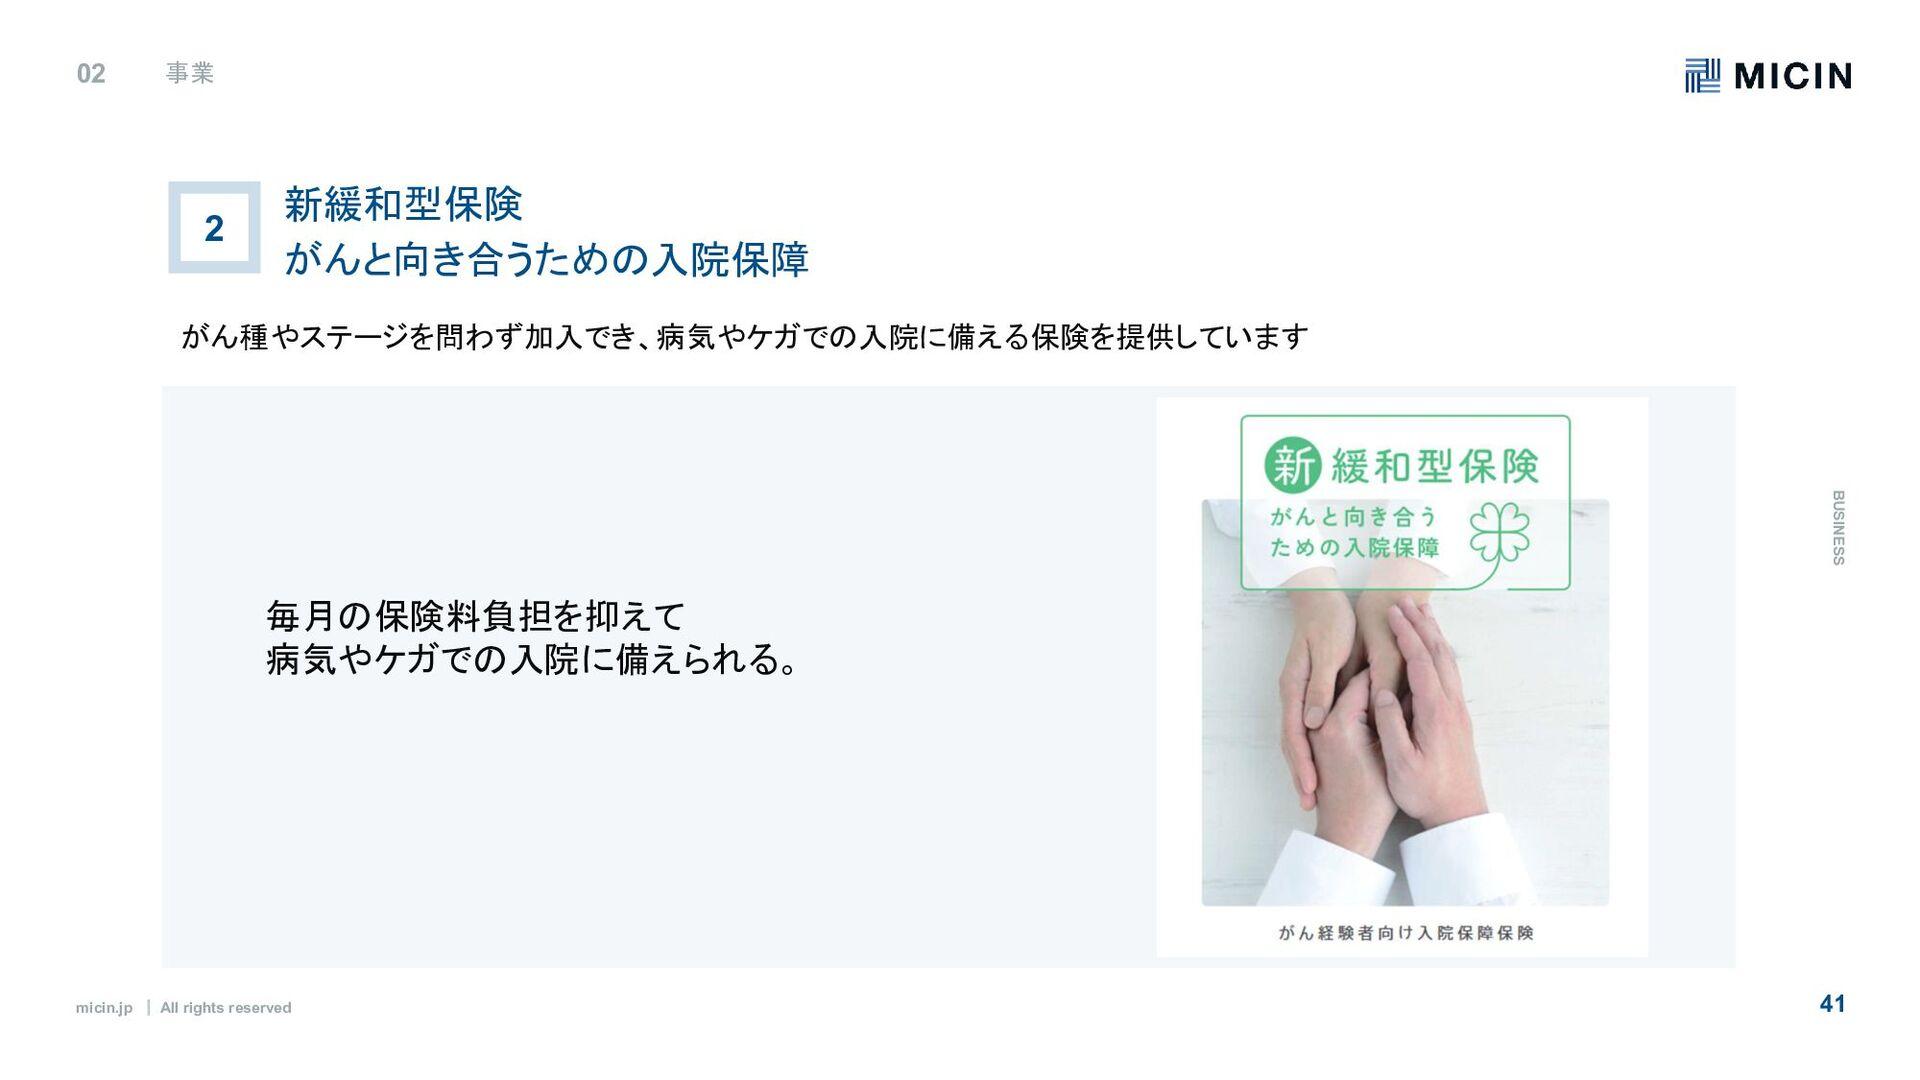 micin.jp ʛ All rights reserved 41 ϝϯόʔհ 03 O R...